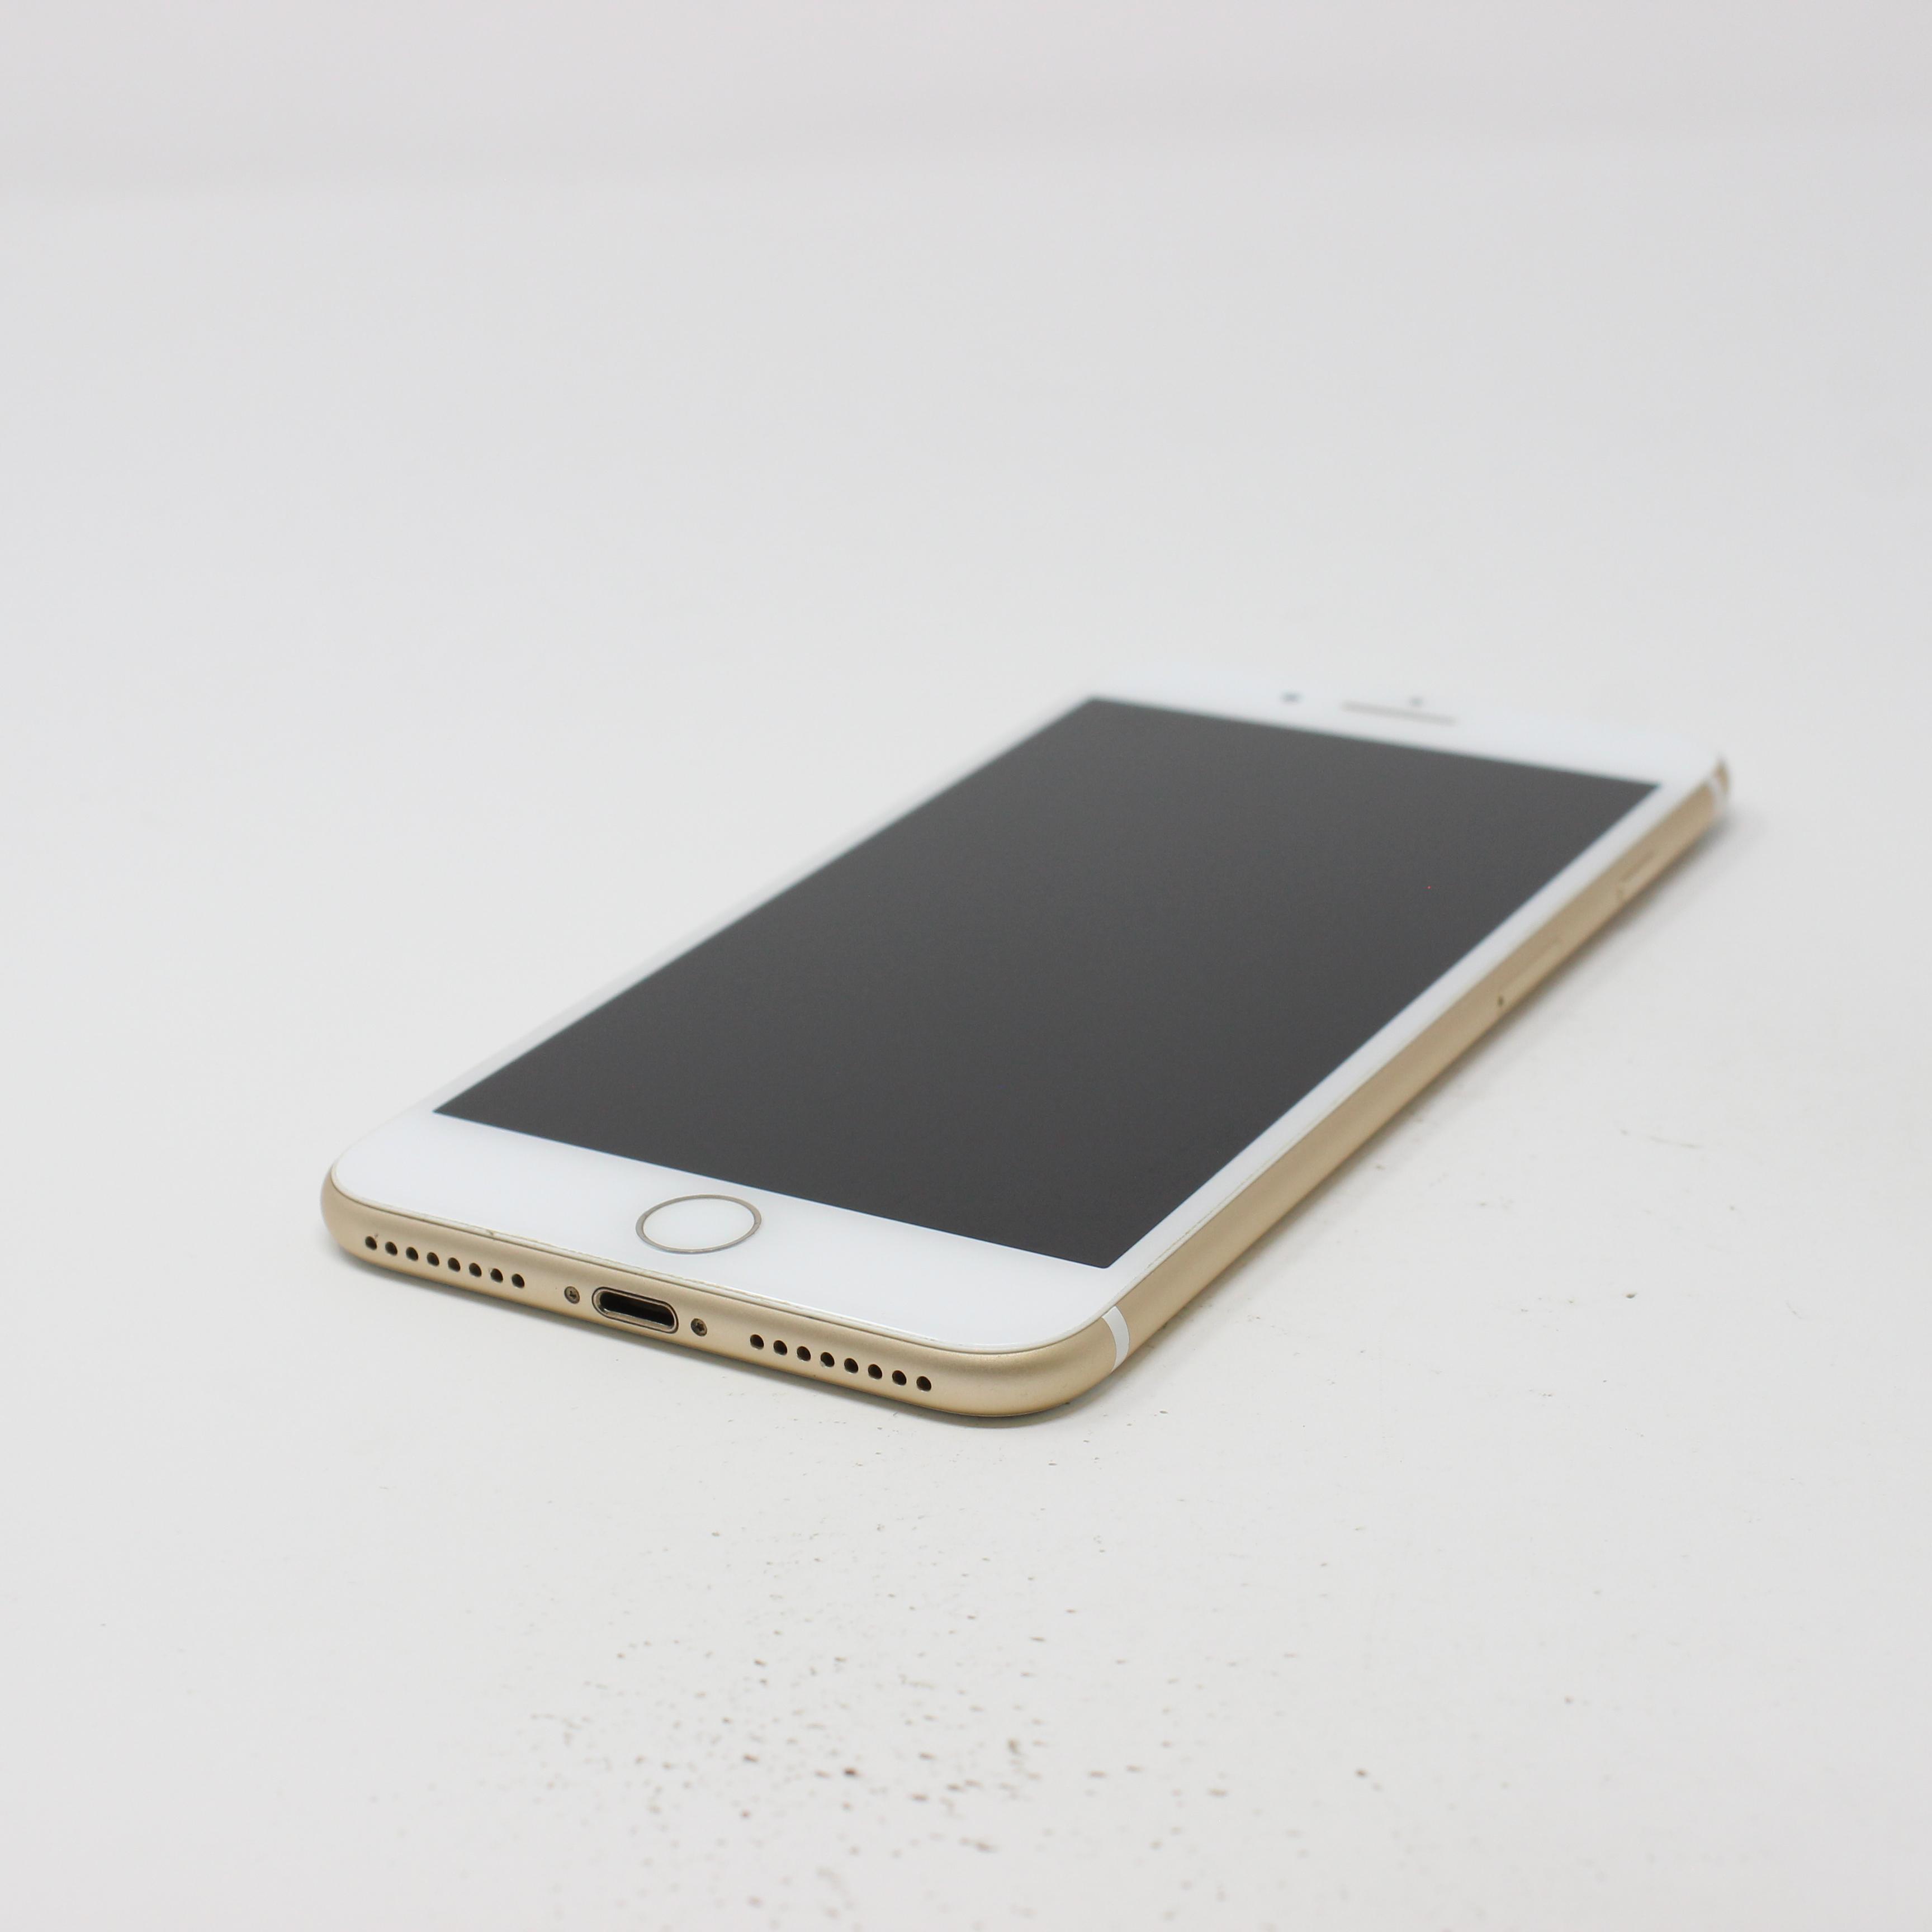 iPhone 7 Plus 32GB Gold - T-Mobile photo 6 | UpTradeit.com